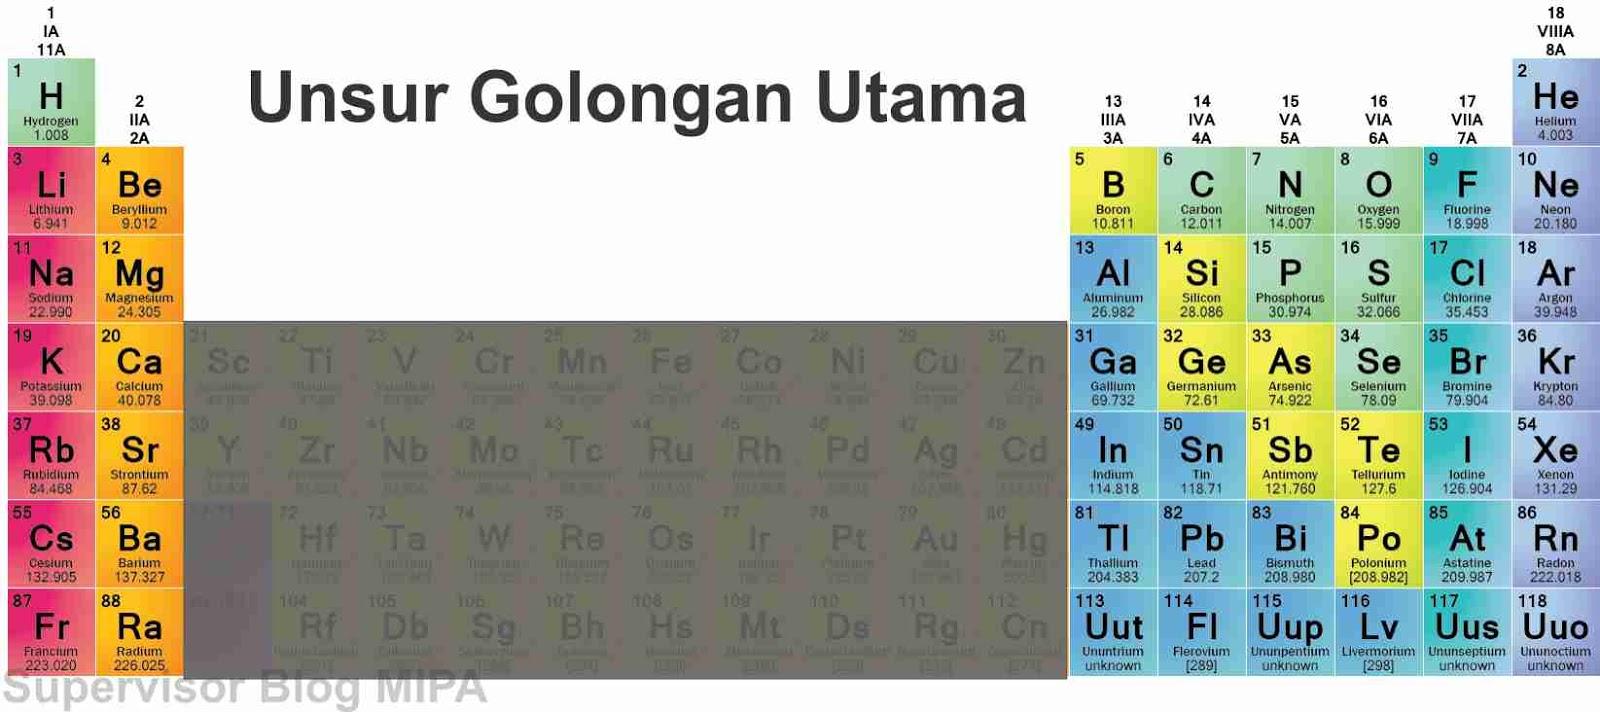 Sistem periodik modern pengertian cara baca golongan periode unsur utama dalam sistem periodik unsur urtaz Gallery